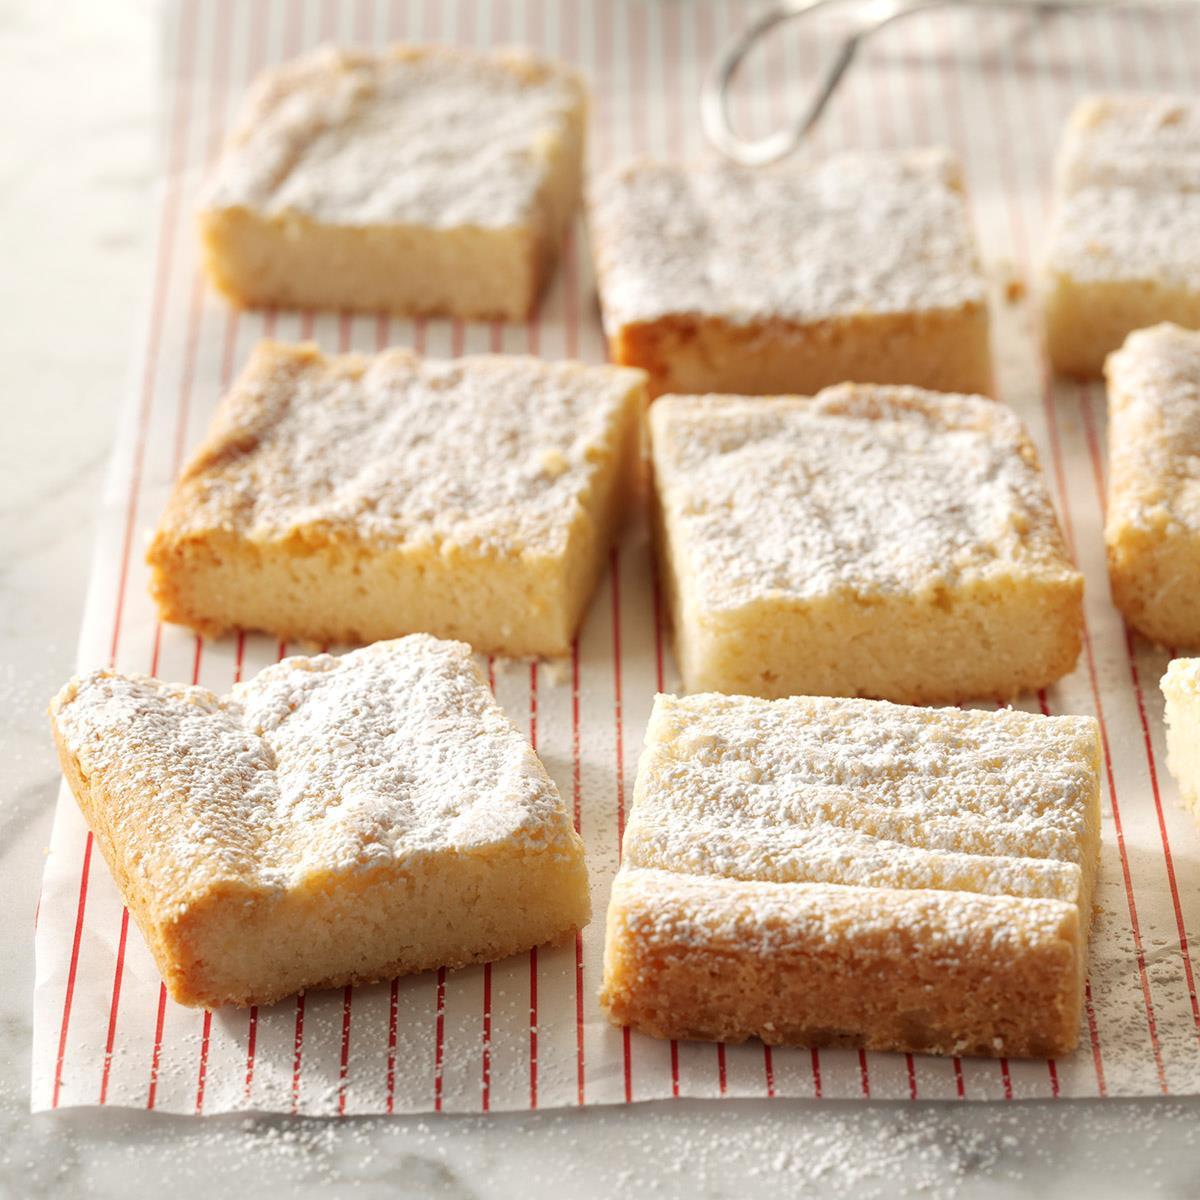 Best Shortbread Cookies  Buttery 3 Ingre nt Shortbread Cookies Recipe